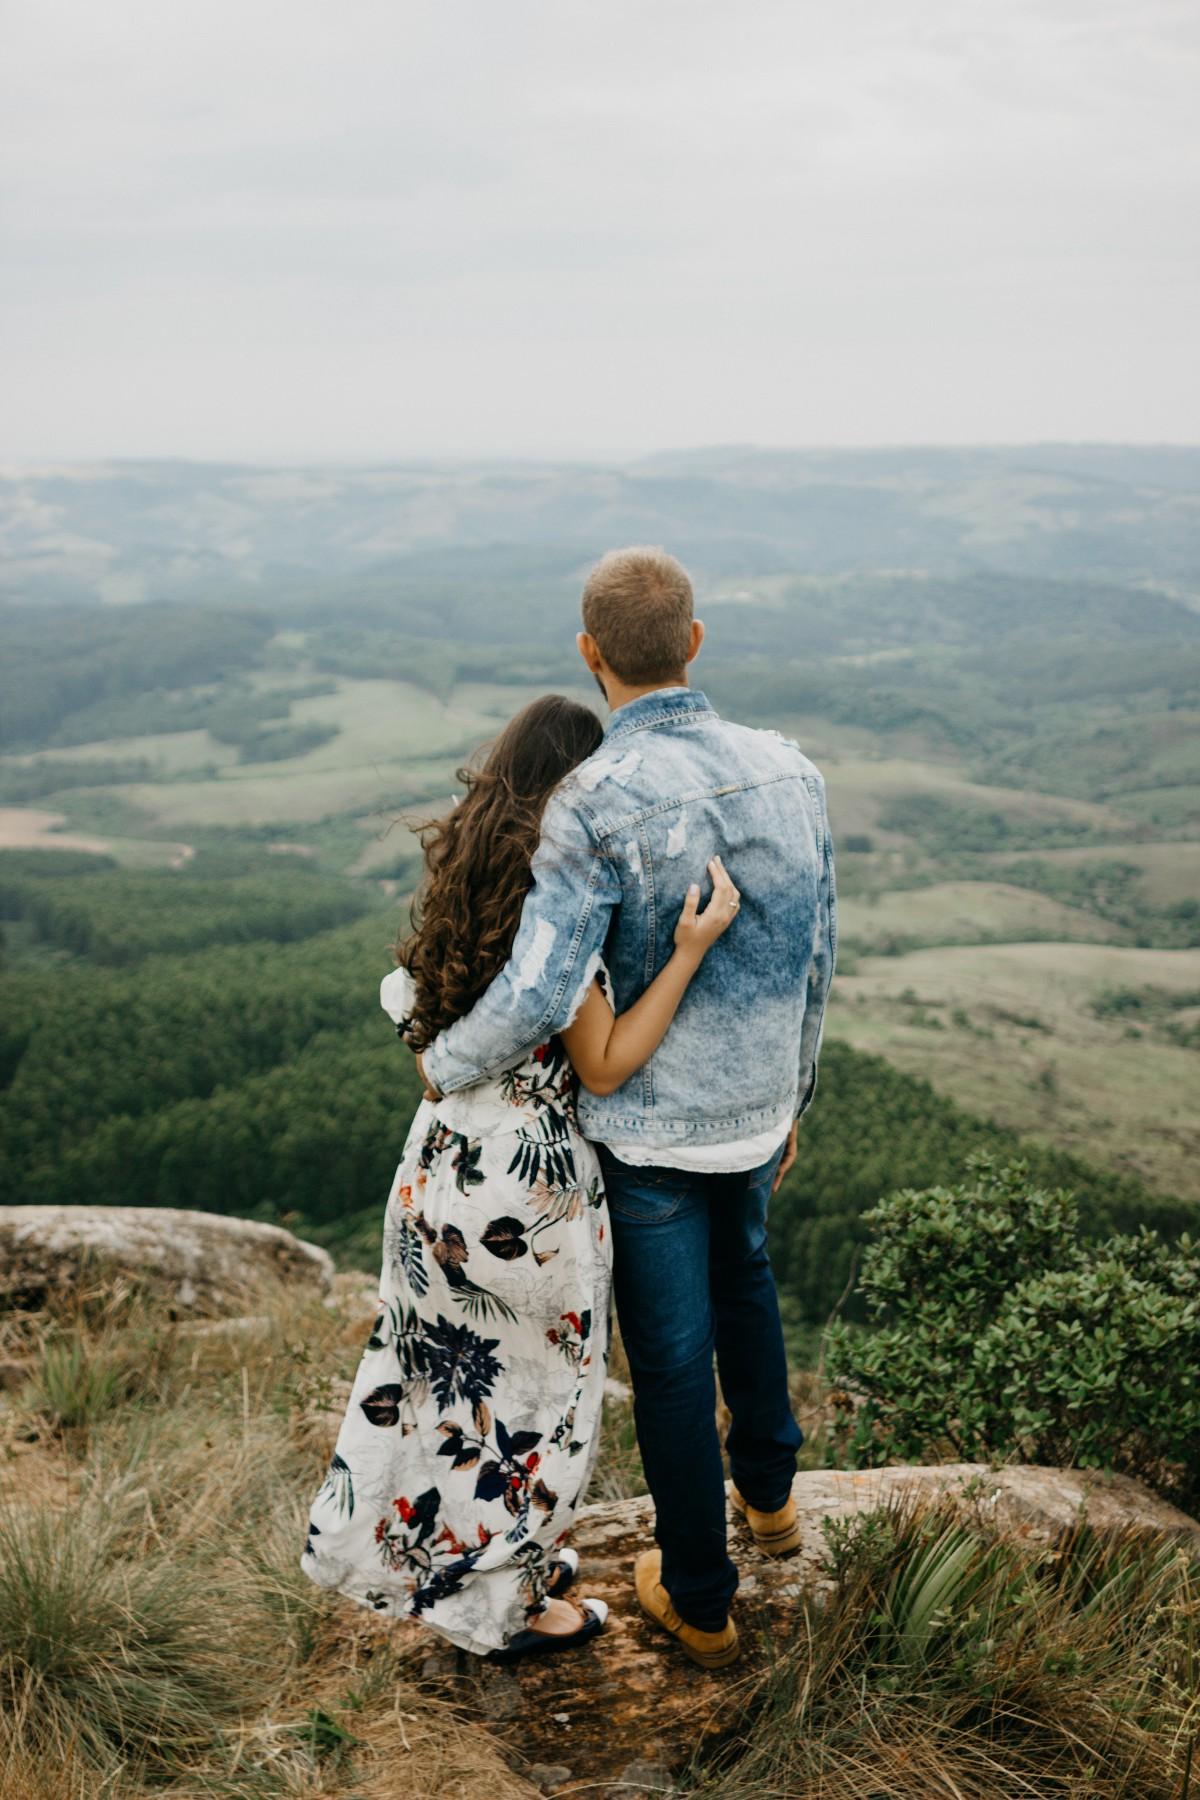 đàn ông sư tử khi yêu - chàng trai và cô gái cùng nhìn về một hướng